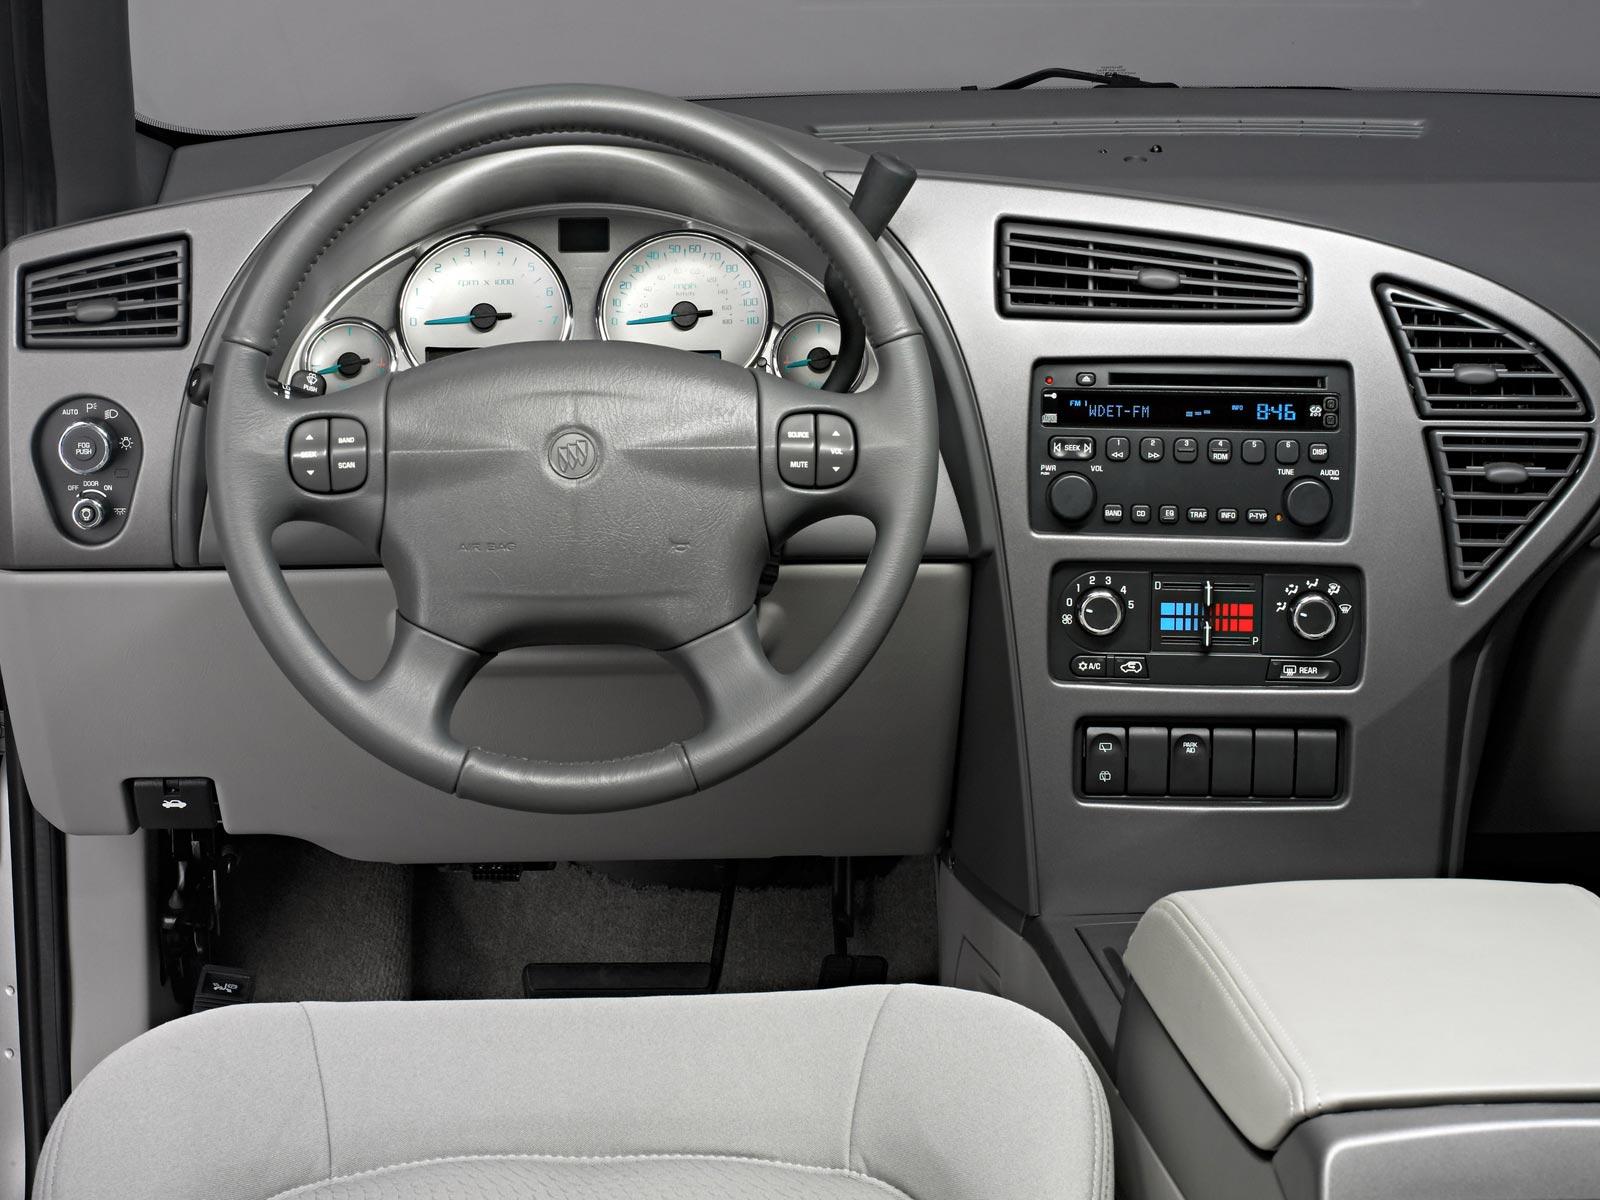 2001 2007 Buick Rendezvous Autoguru Katalog At